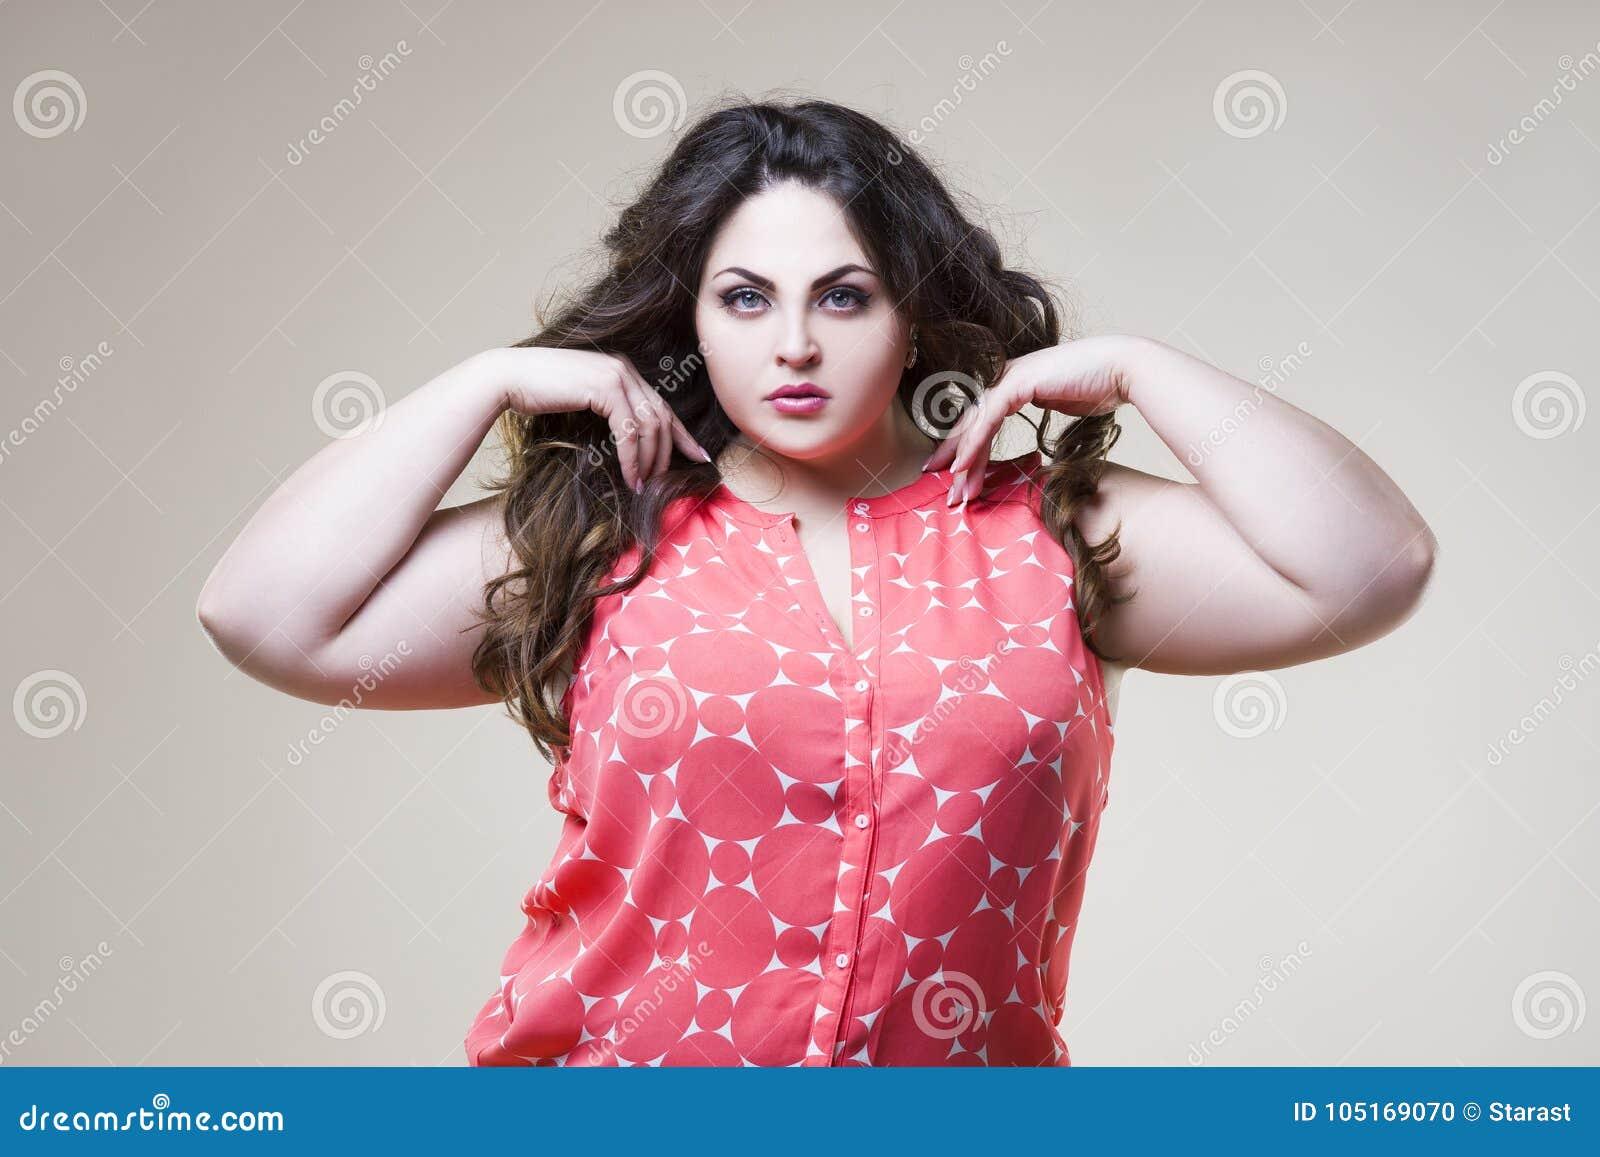 Grosse Femme Sexy Photo mannequin plus de taille, grosse femme sexy sur le fond beige photo